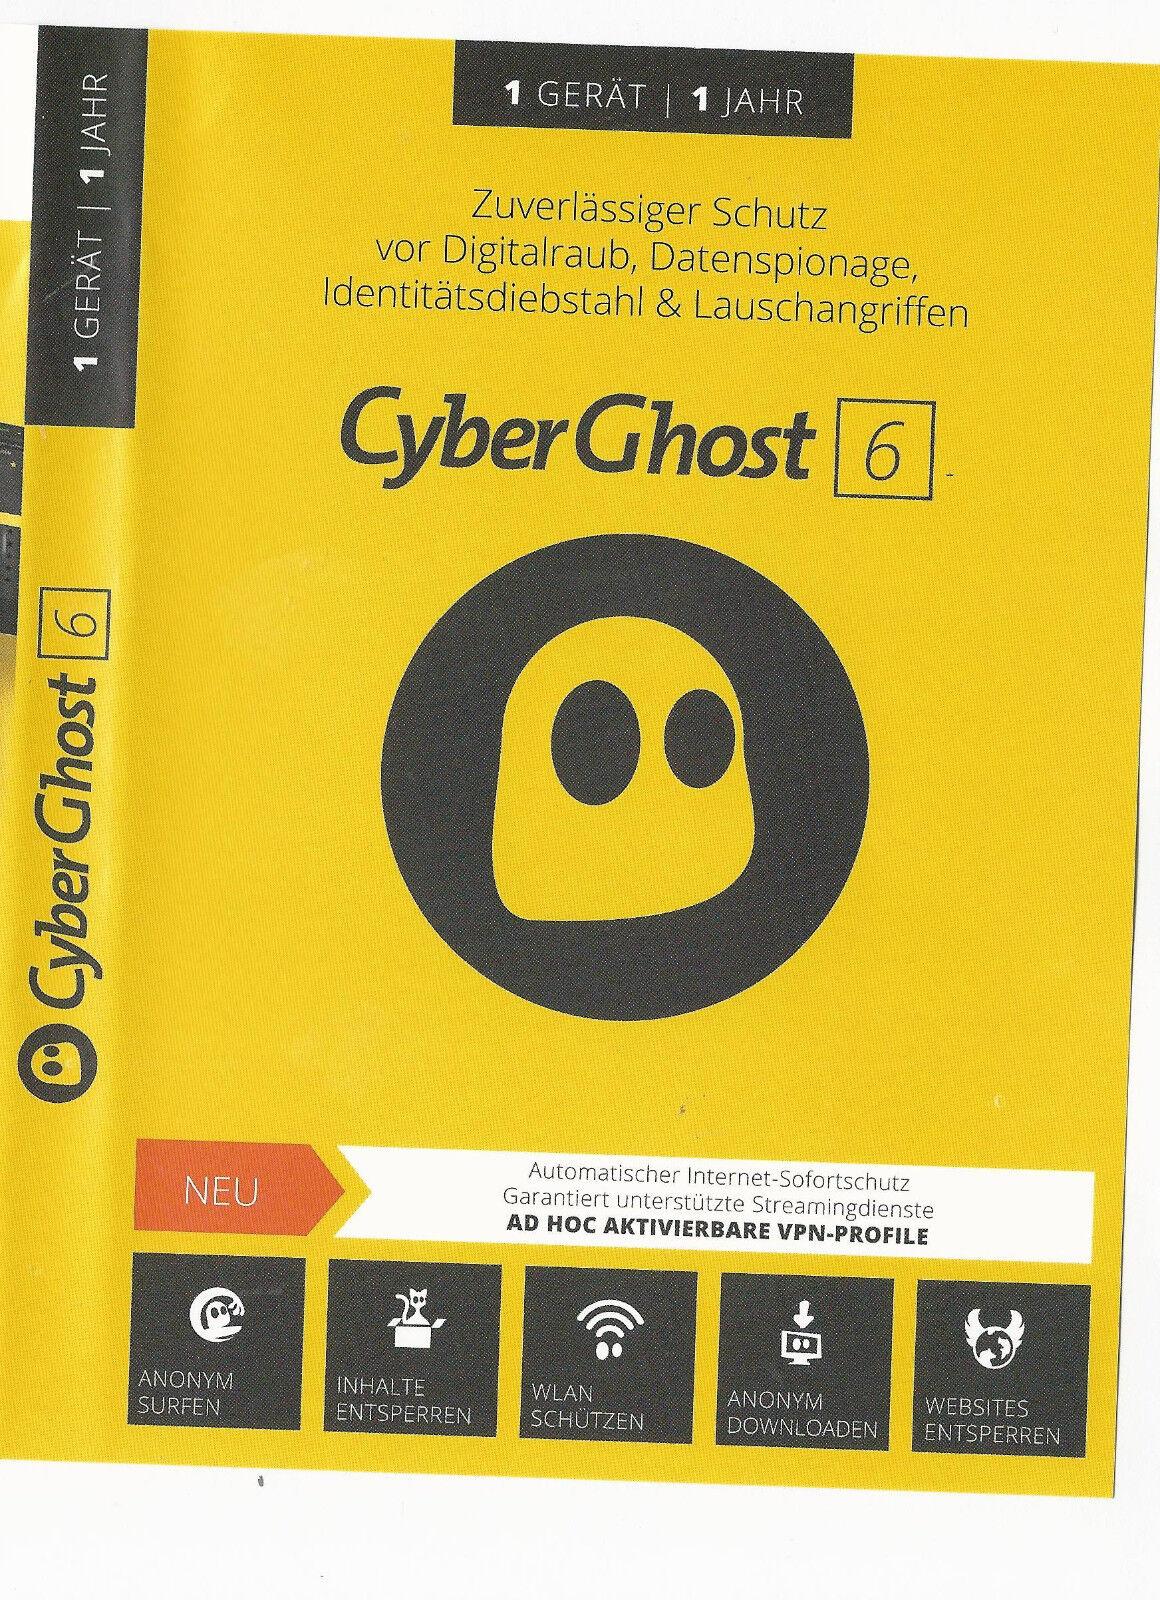 CyberGhost 6*VPN*Premium*neueste Version*1 Jahr *Key*Download*Anonym surfen*1 PC